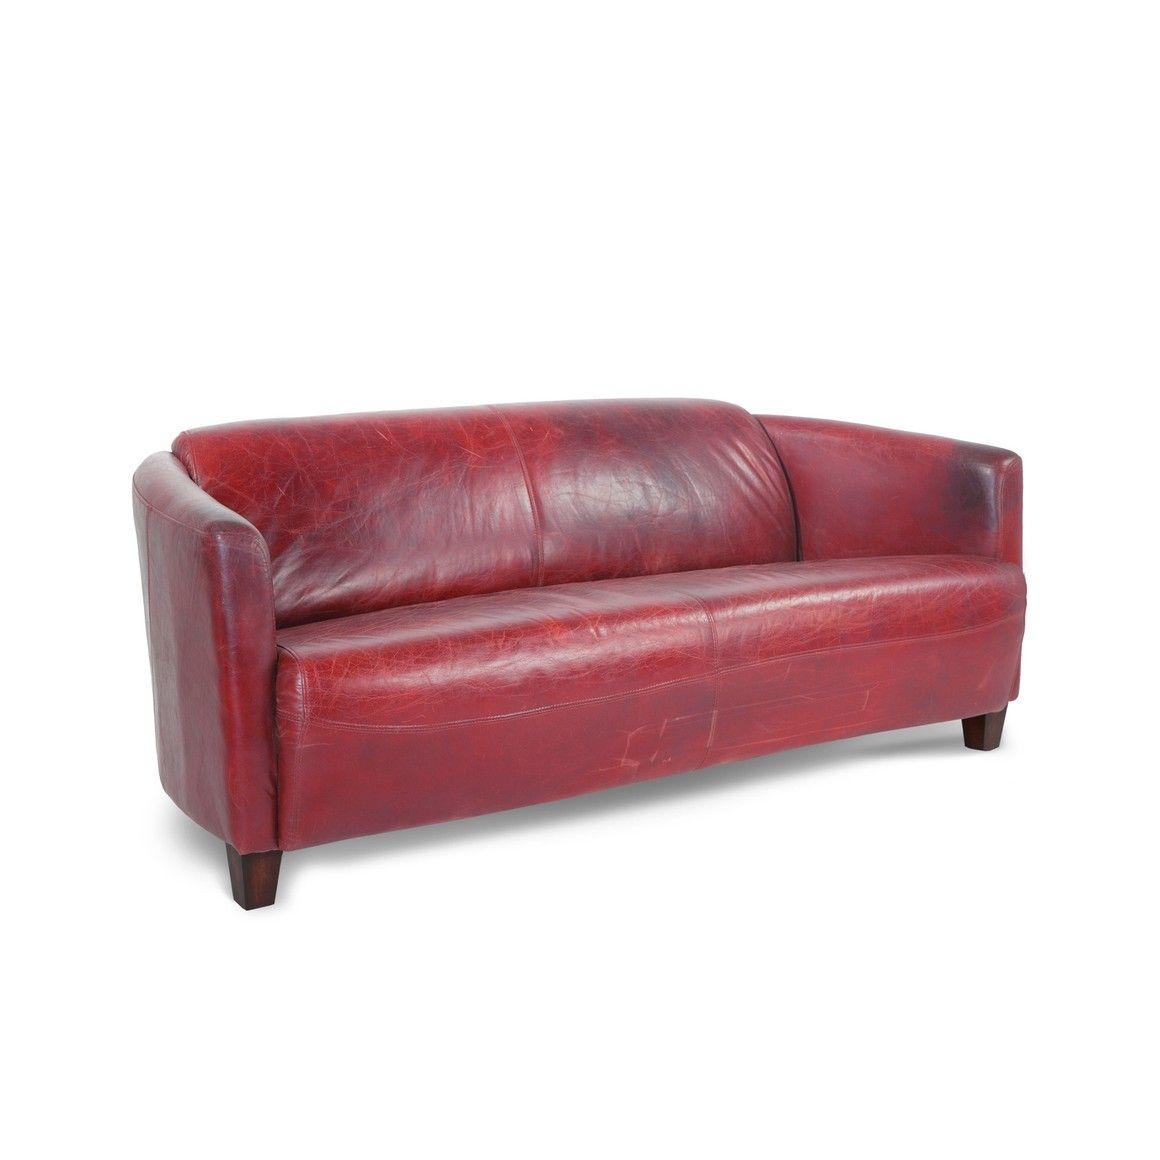 2 5er Ledersofa Vintage Rot Cooper Rot Gummibaum 14949101 0